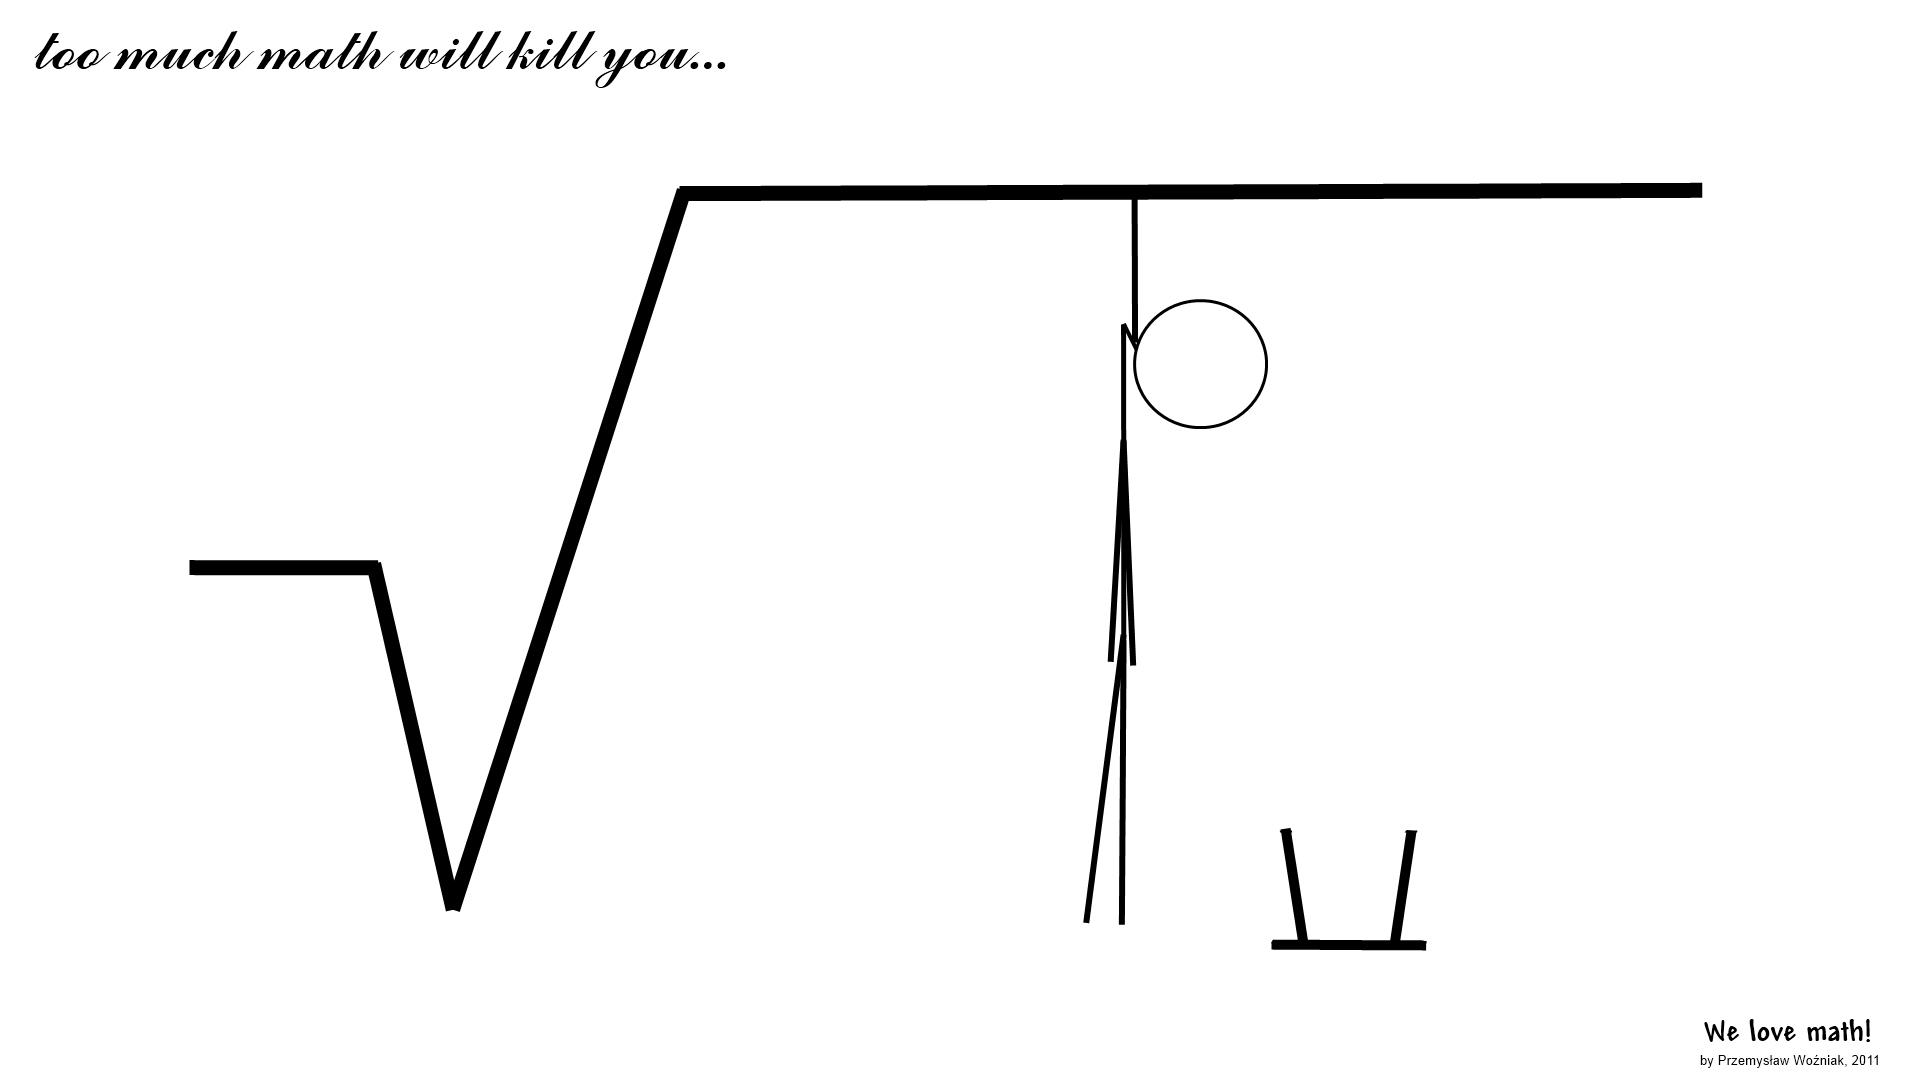 żarty z matematyki ted online dating talk